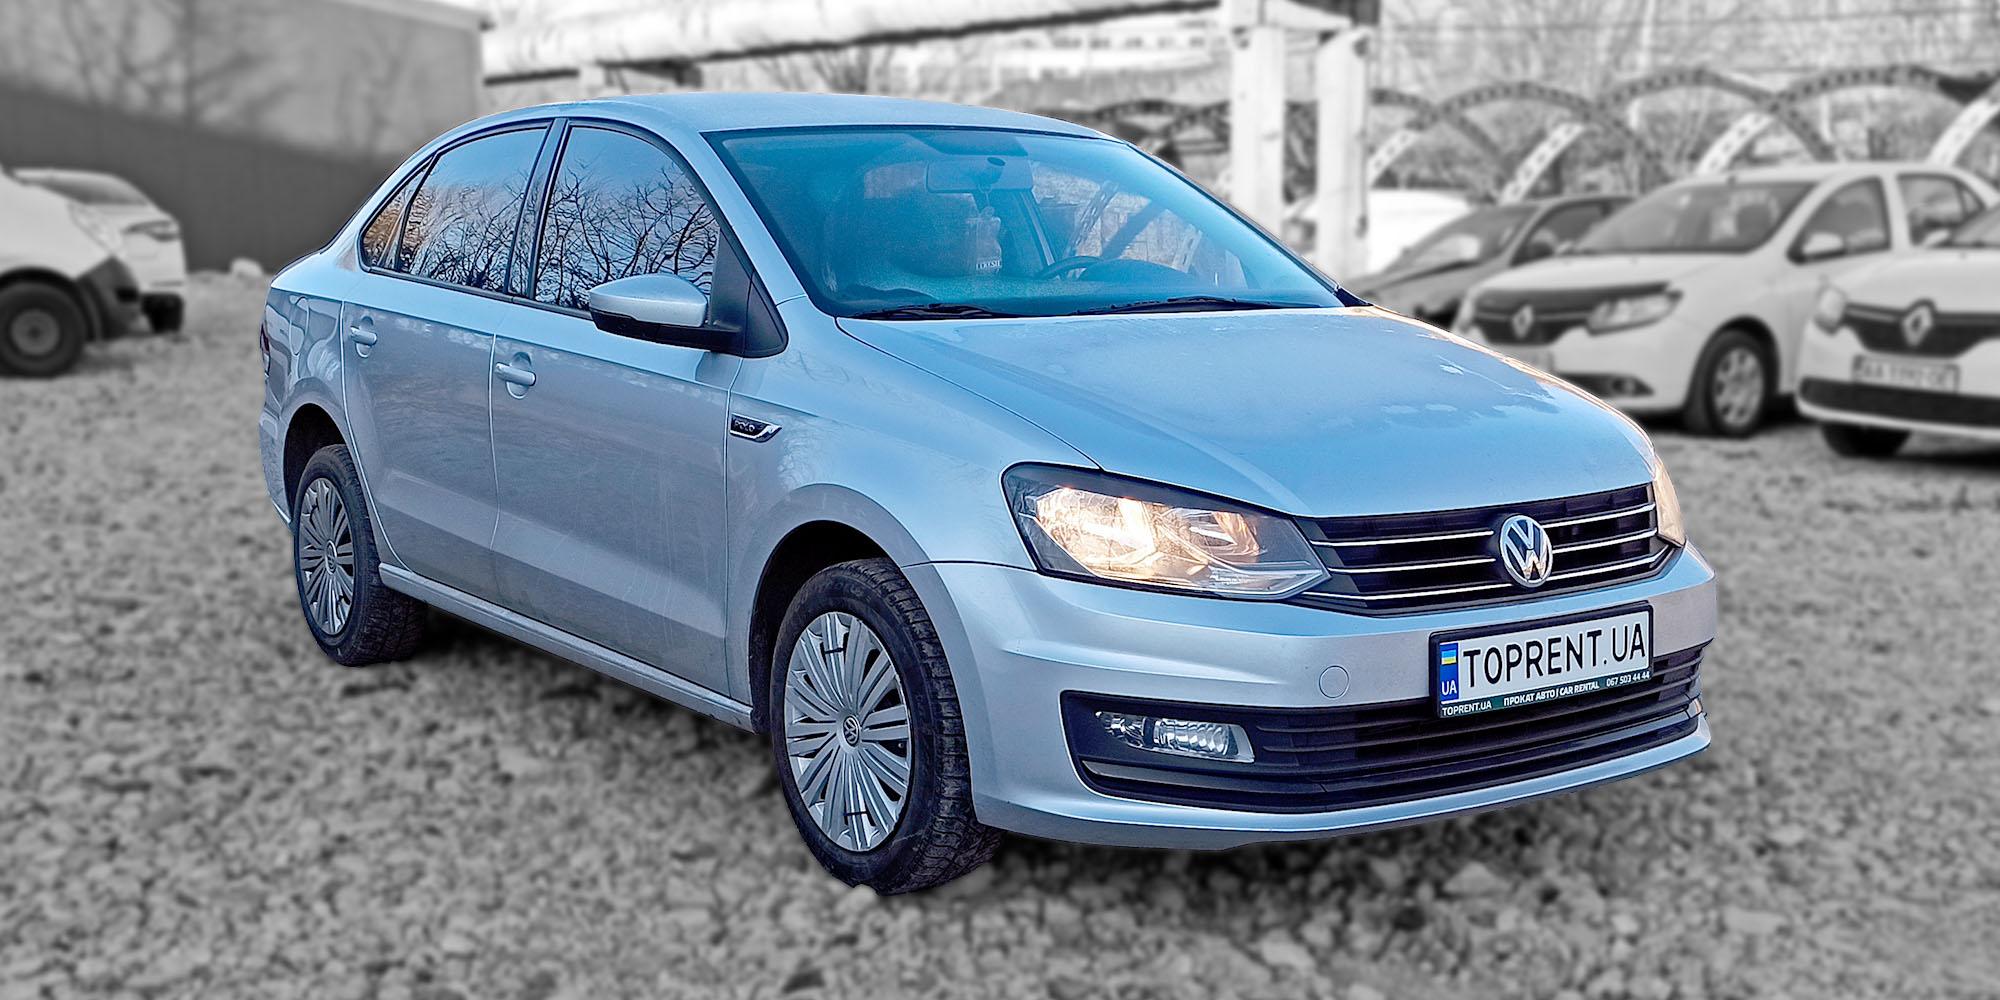 Volkswagen-Polo-2020-TopRent.UA-1